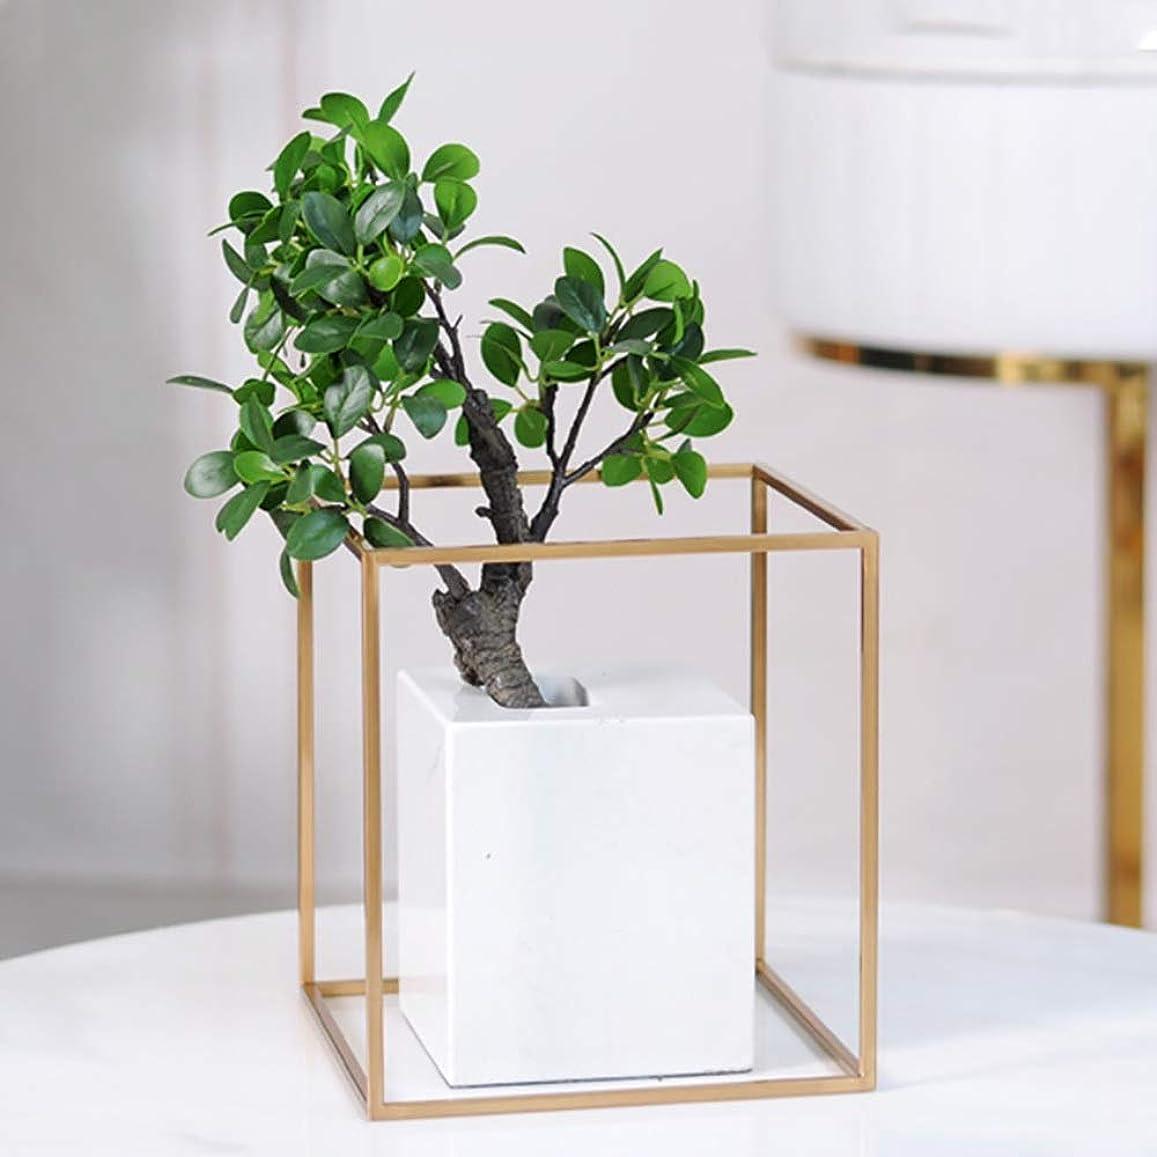 預言者知的男性ホリデーギフト クリエイティブ金属花瓶マーブルクラフトガーデンフラワーアレンジメント北欧スタイルシンプルな花のフレーム飾り36 * 15センチメートル (Size : L15*H22cm)